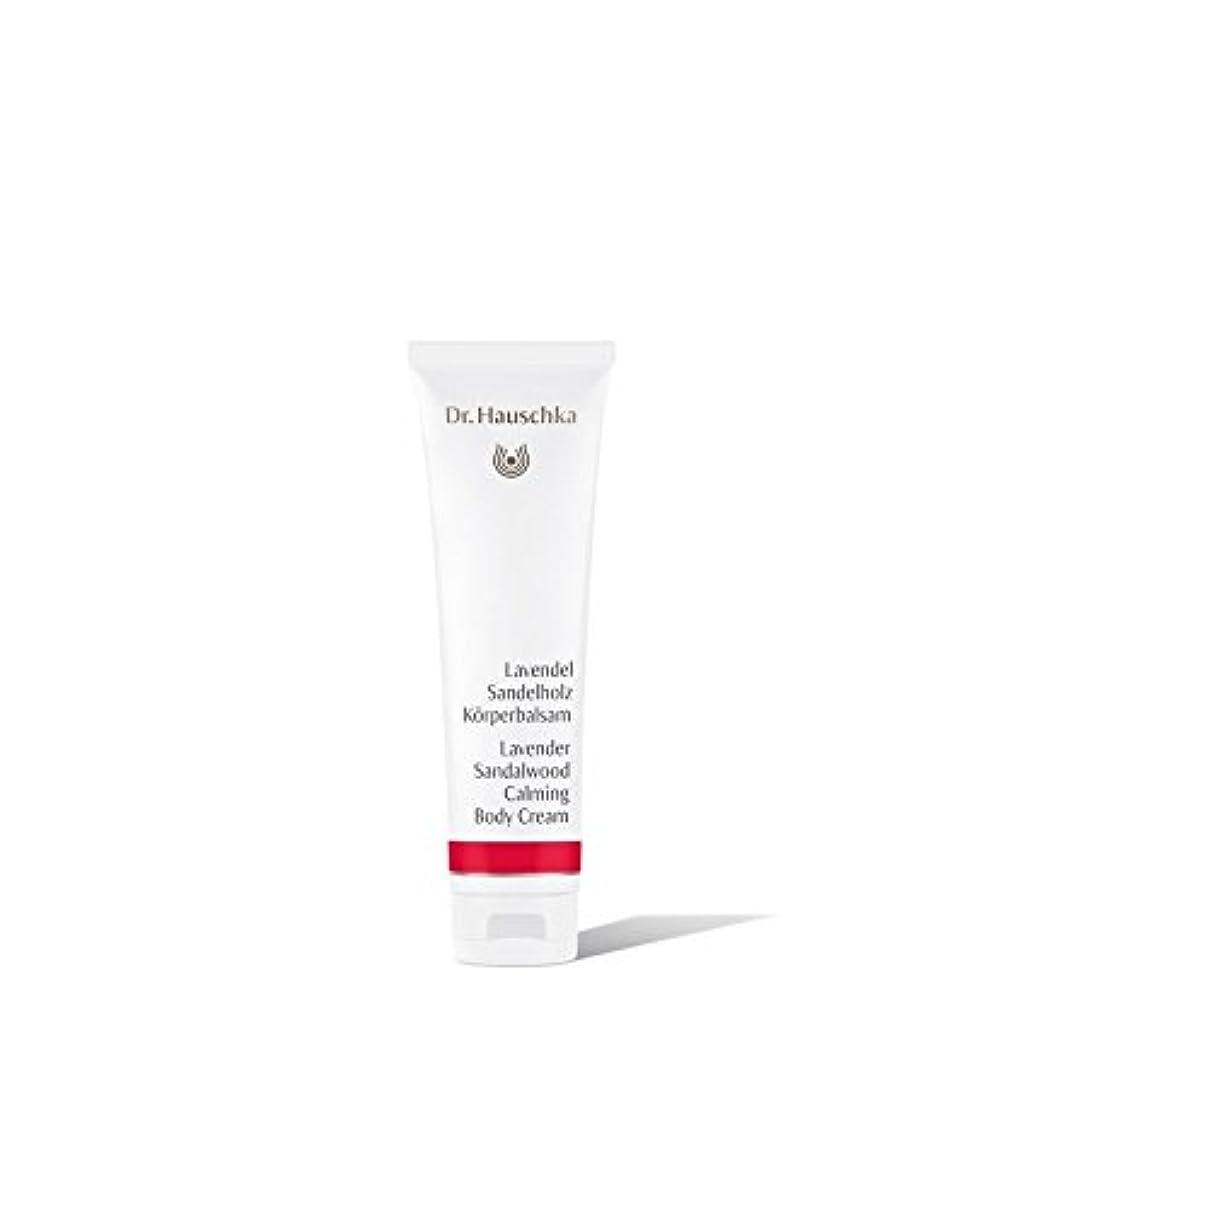 再生可能付与ミニハウシュカラベンダー白檀心を落ち着かせるボディクリーム(145ミリリットル) x4 - Dr. Hauschka Lavender Sandalwood Calming Body Cream (145ml) (Pack...